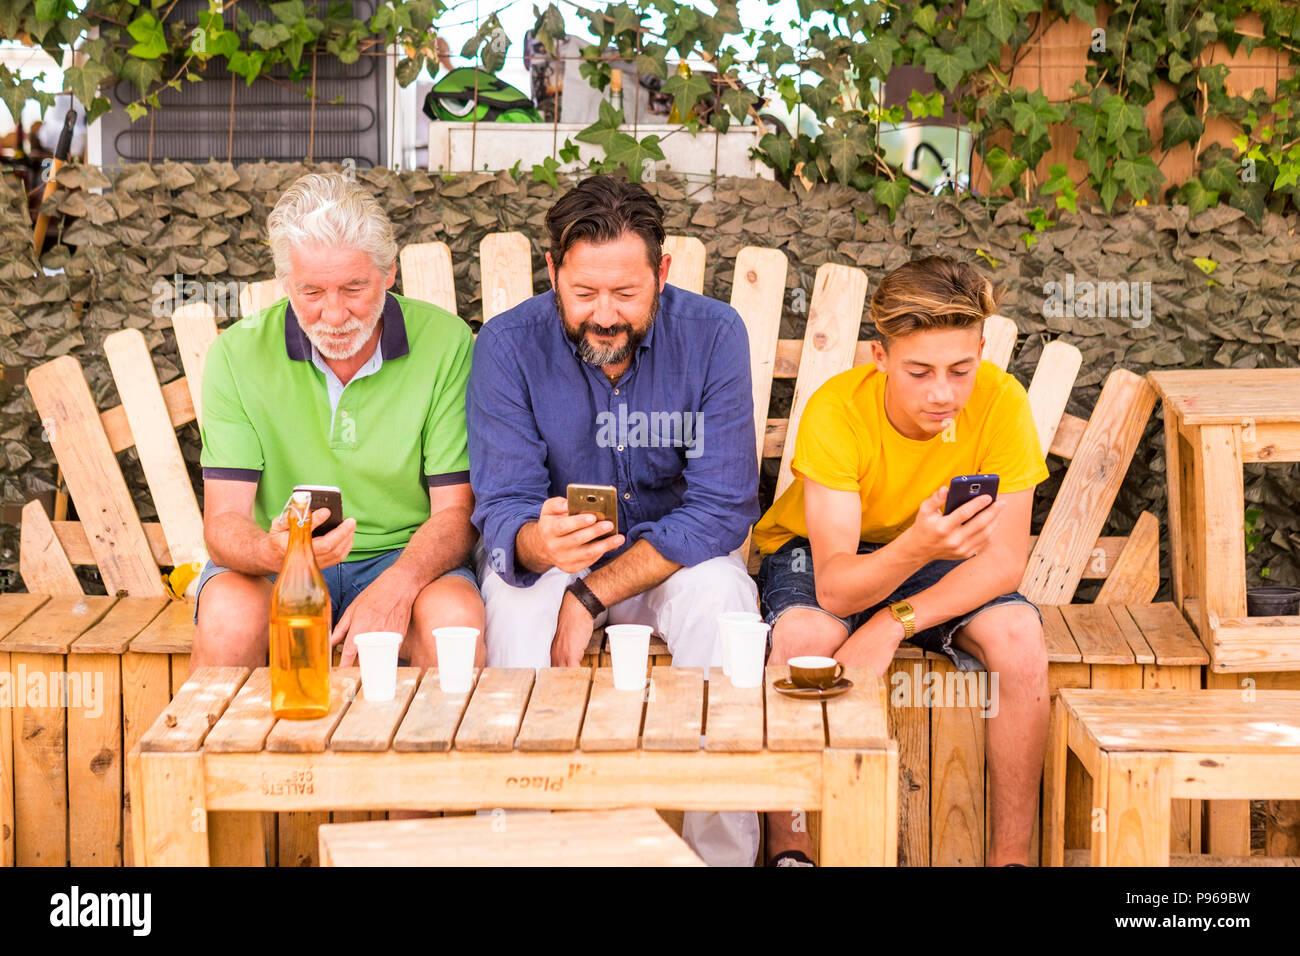 Générations les hommes avec grand-père Père et fils, neveu de l'ancien au jeune rester ensemble en utilisant la technologie mobile smartphone pour se connecter à inter Photo Stock